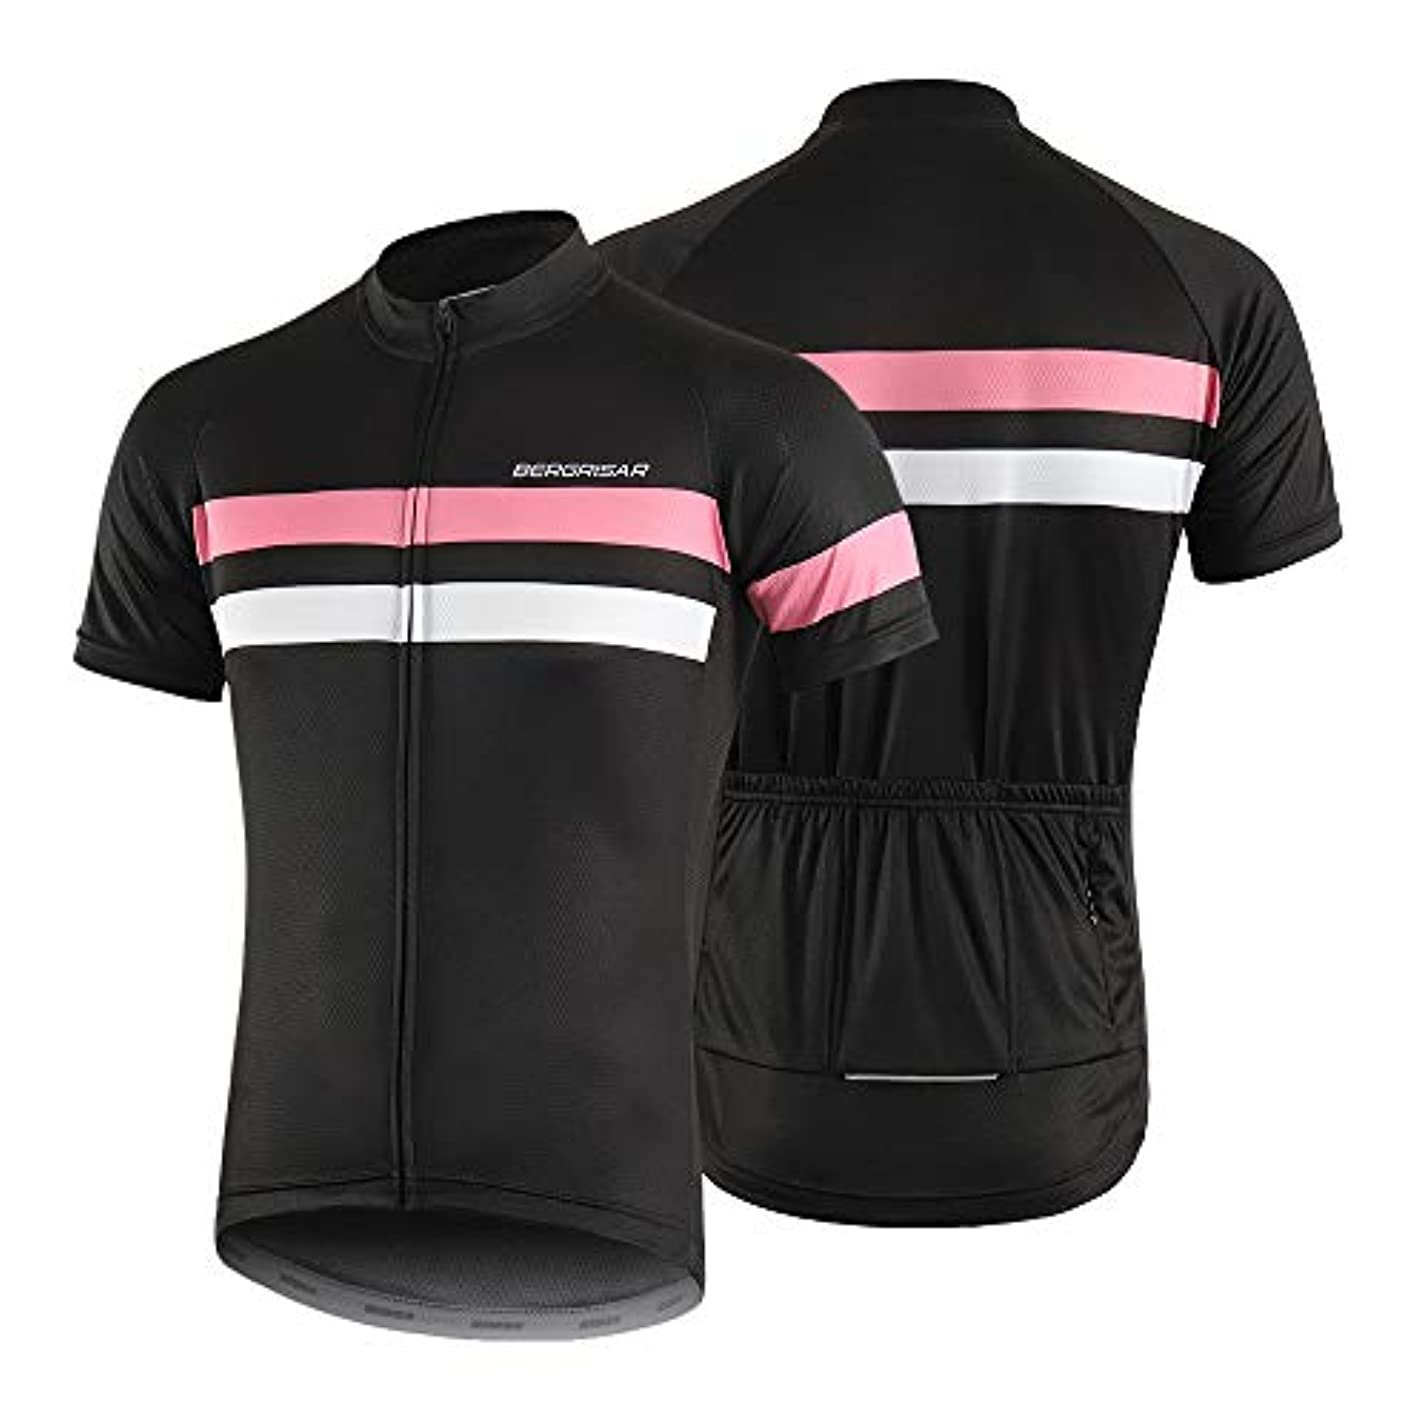 サーマルすぐにセットアップLIXADA サイクルジャージ 半袖 メンズ 吸汗速乾 通気がいい 夏用 自転車ウエア